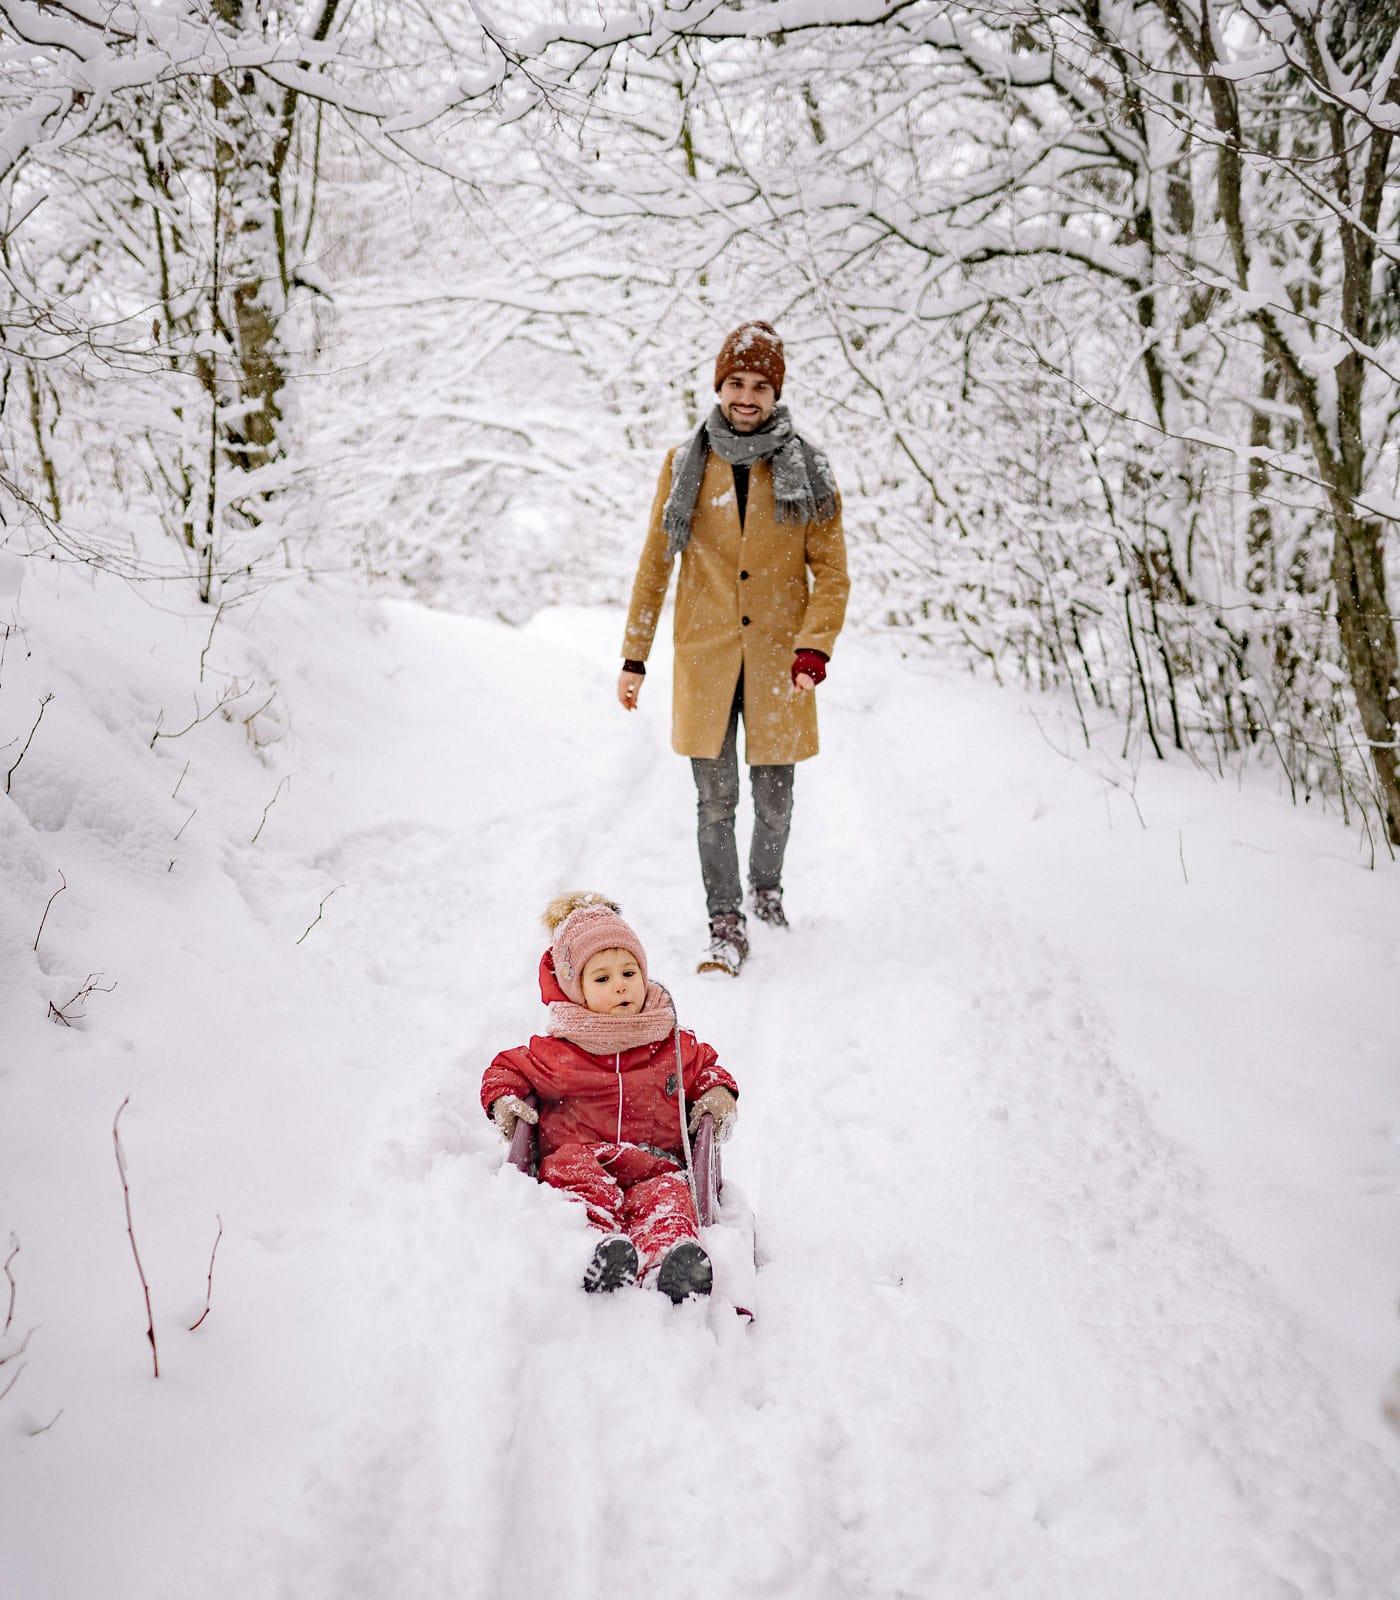 Kinder im Schnee mit Papa: Schlittenfahren // HIMBEER